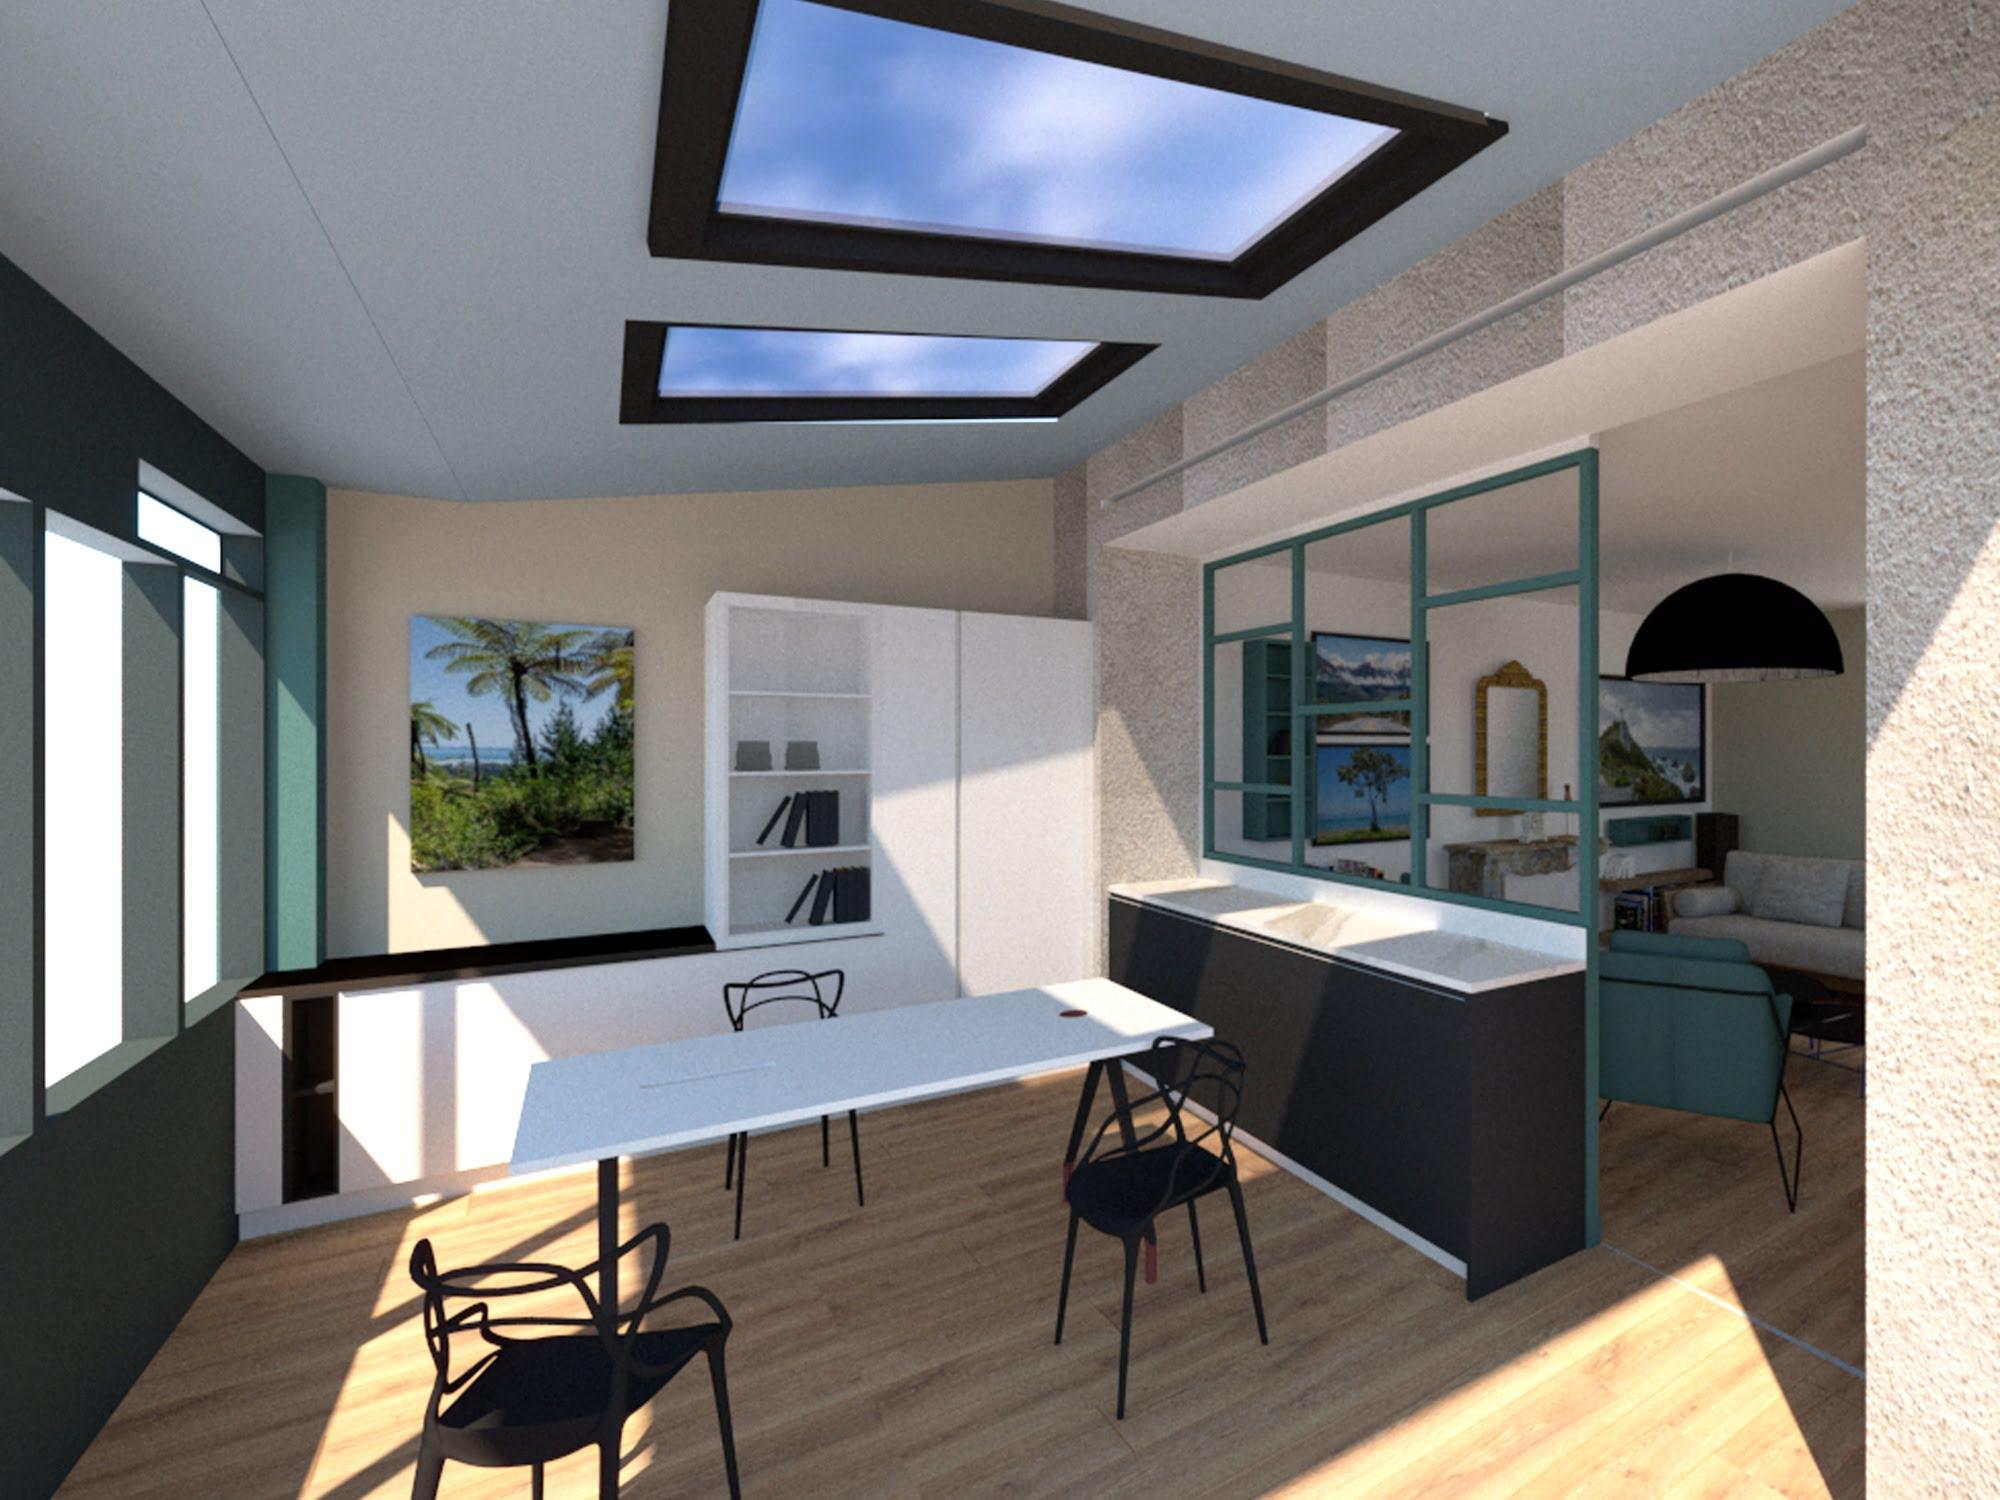 vue bureau du showroom 3D ls studio architecte intérieur vannes